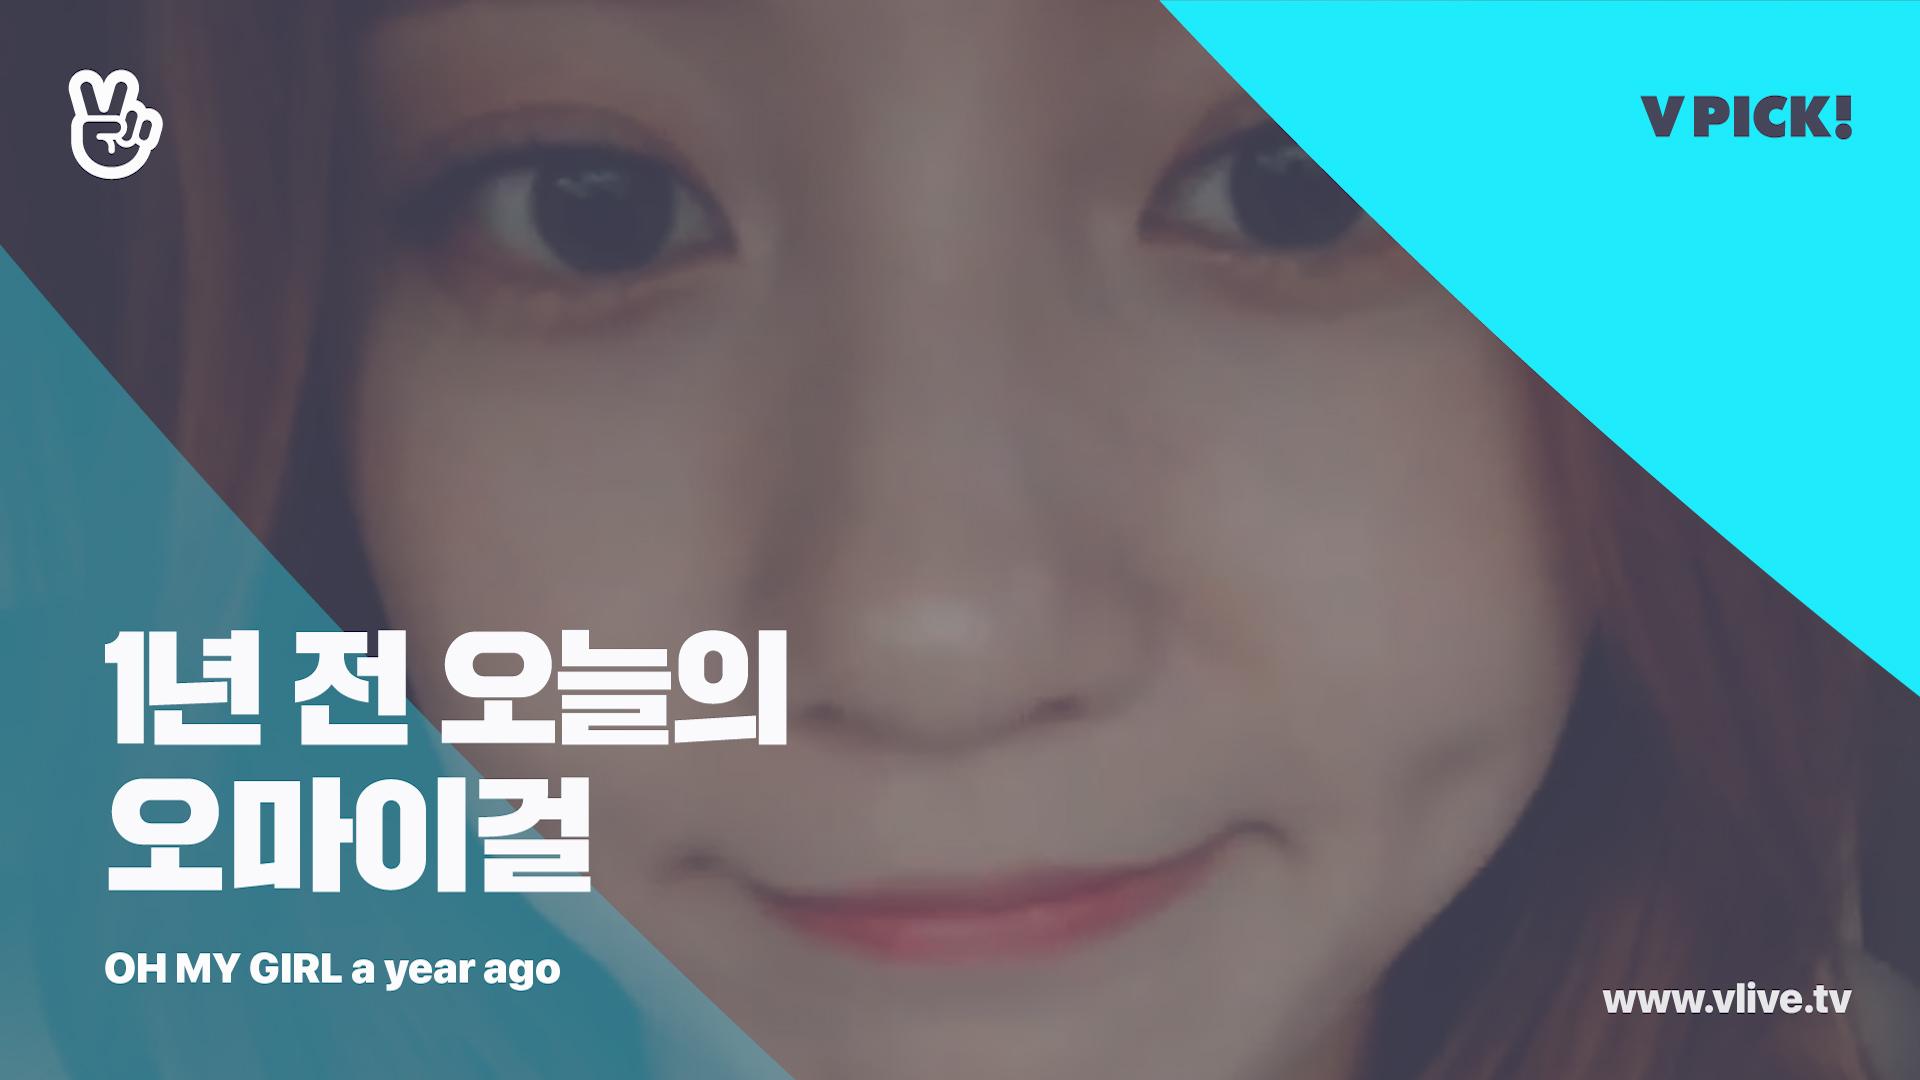 [1년 전 오늘의 OH MY GIRL] 포텐 빵야하는 윱 덕분에 완전 설렜어!!🐰☂️(BINNIE's talking about comeback a year ago)